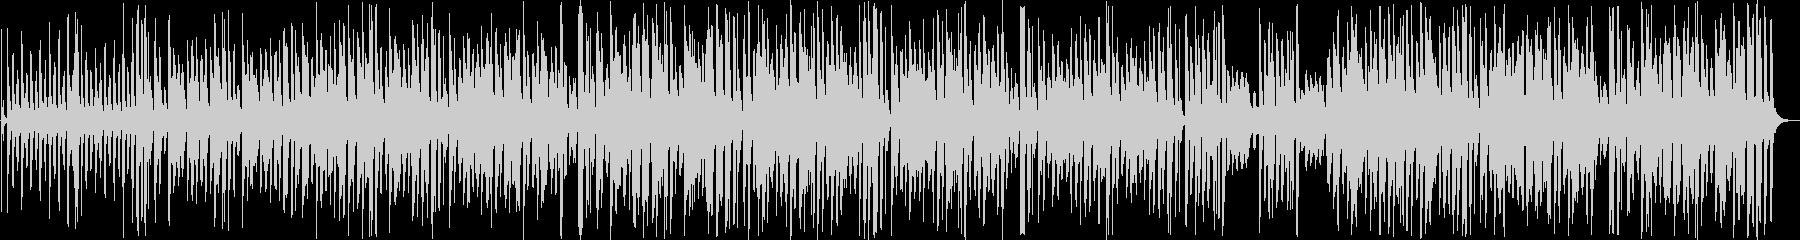 楽しげなインフォメーション曲の未再生の波形